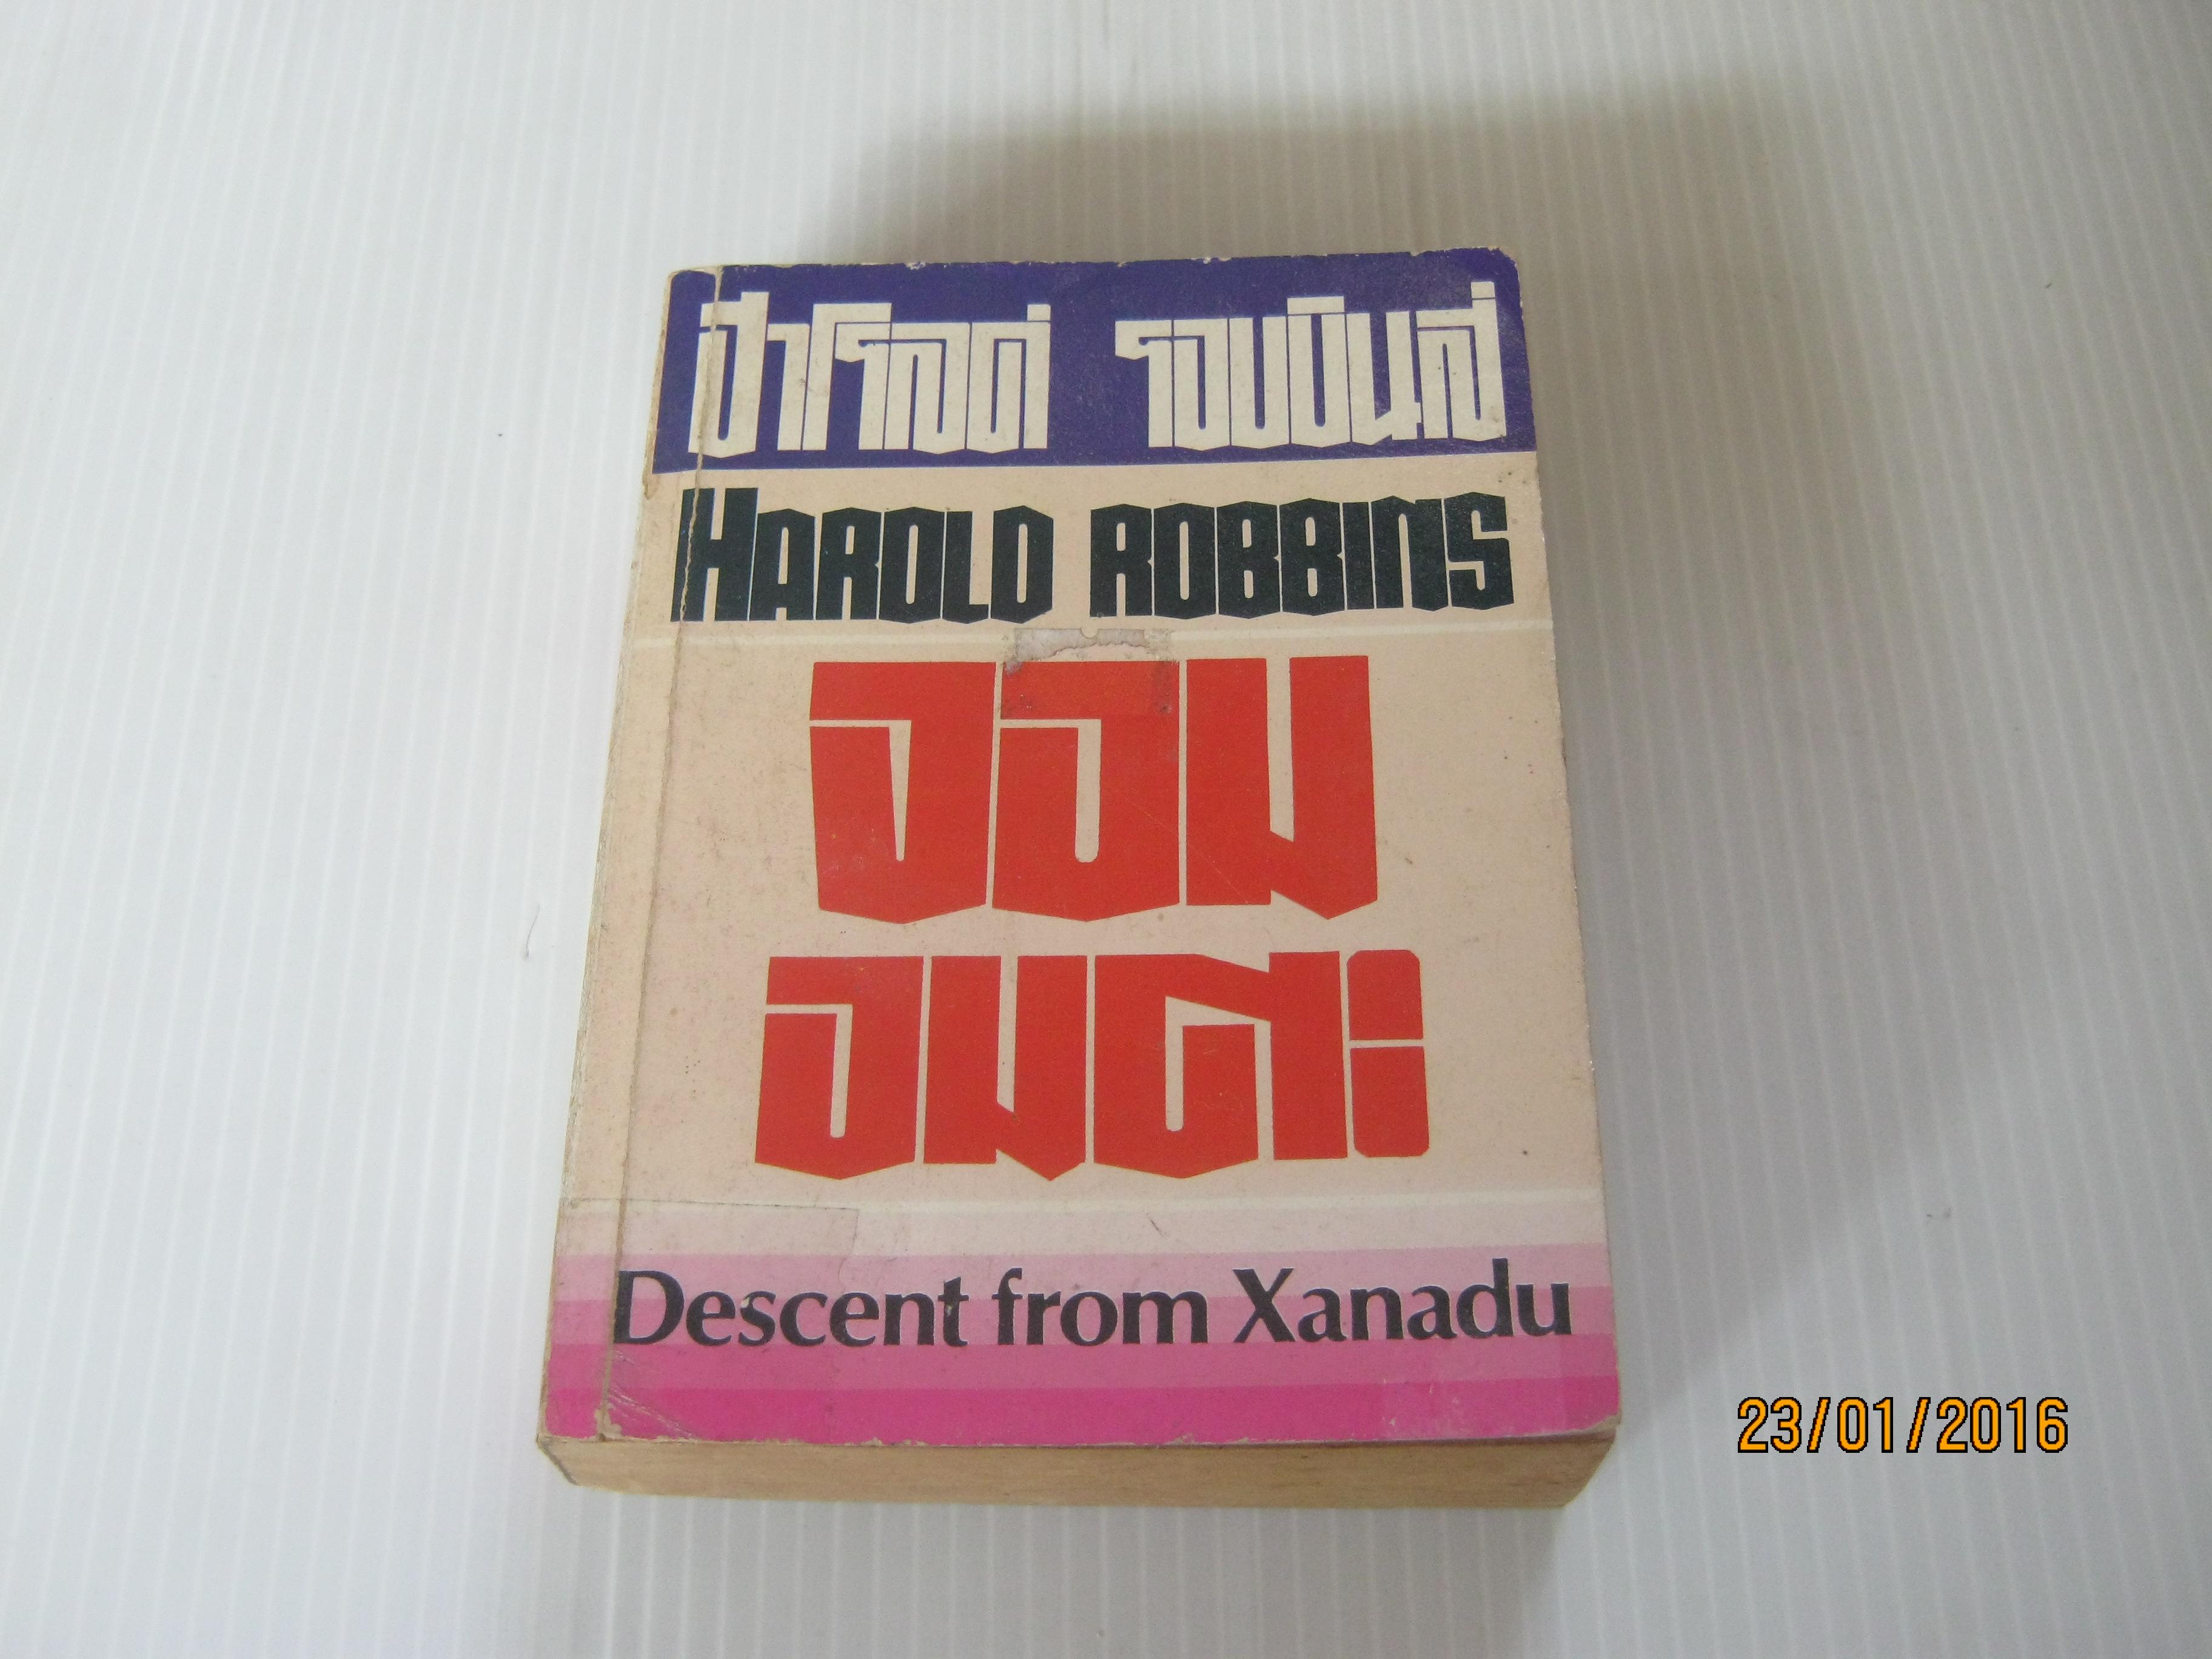 จอมอมตะ (Descent from Zanadu) ฮาโรลด์ รอบบินส์ เขียน วษมน แปล